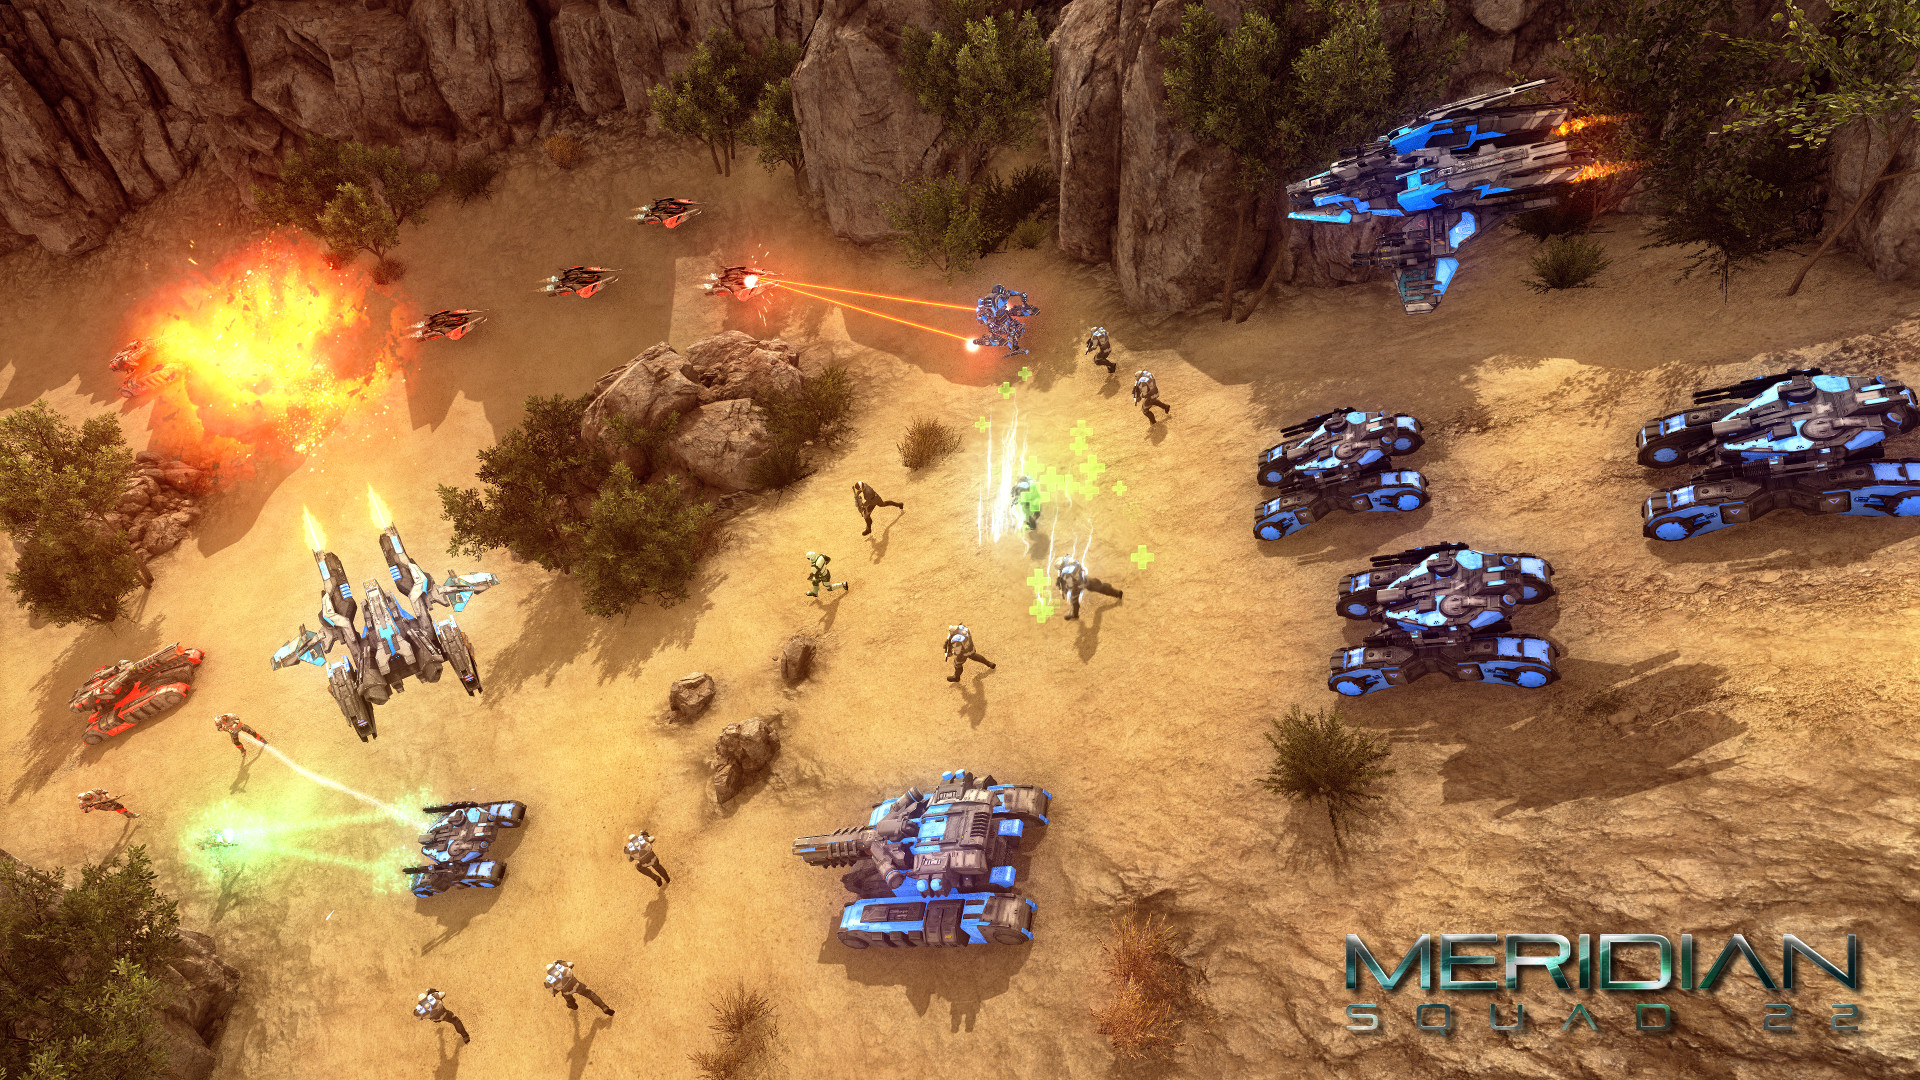 Meridian: Squad 22 Screenshot 2